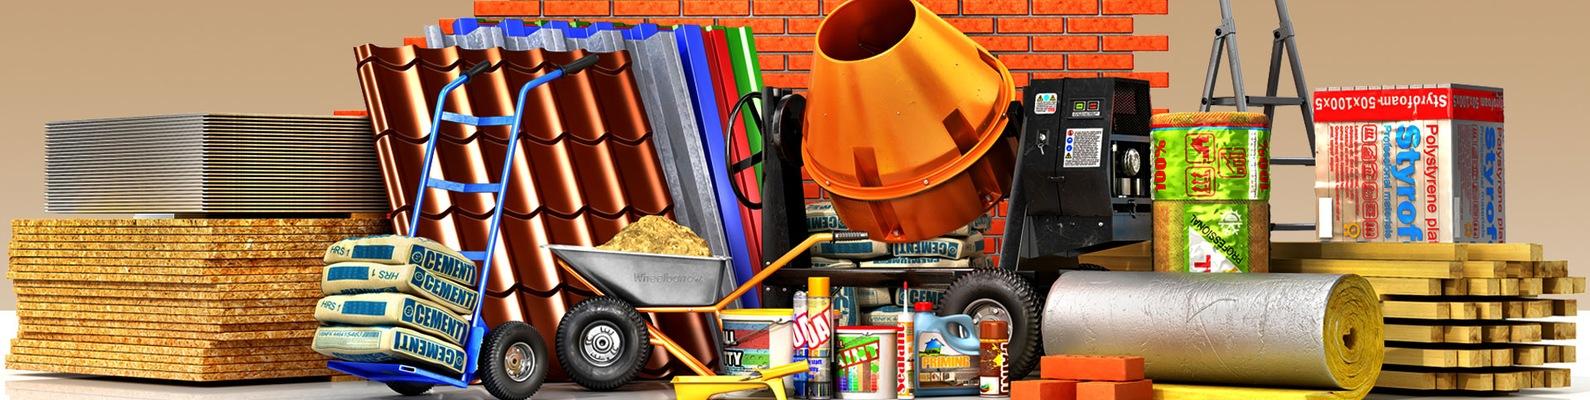 Все для строительства и ремонта в базе строительных материалов и инструментов «Куб»